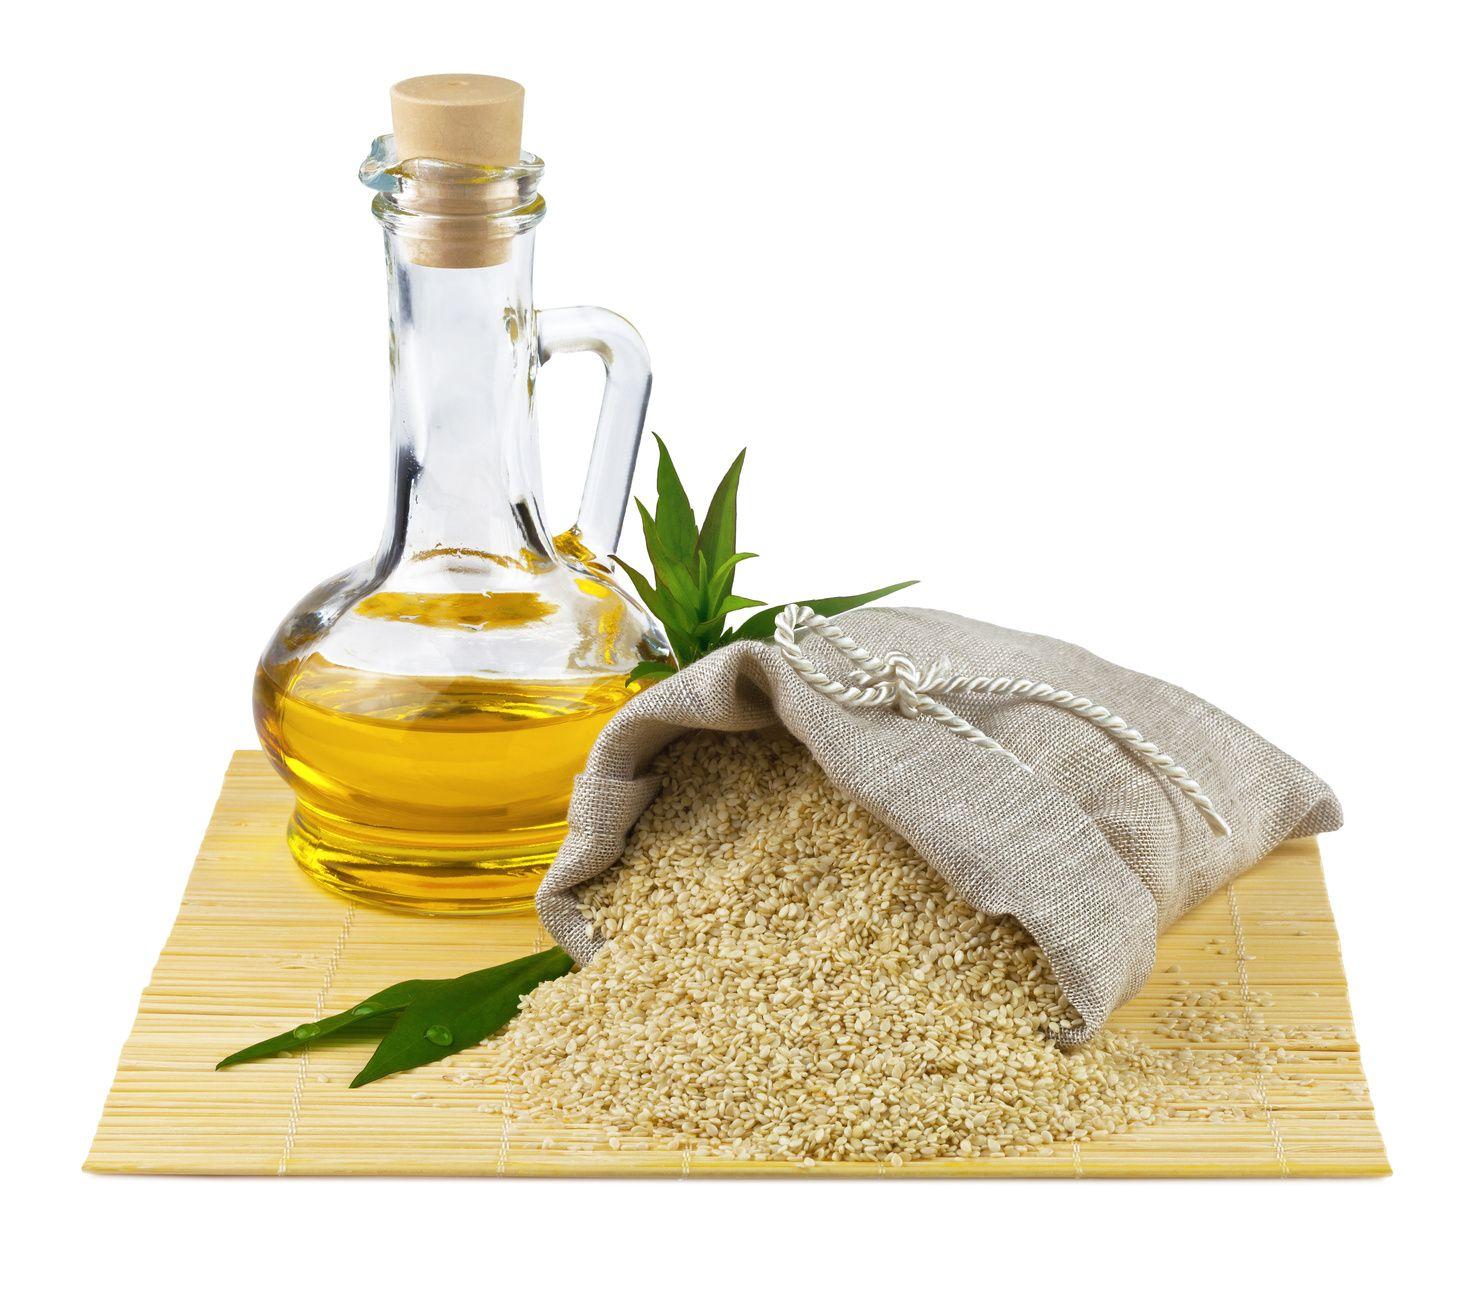 Alimentul care înlătură colesterolul, curăță sângele, prelungește viața și previne diabetul. Este plin de vitamine și minerale